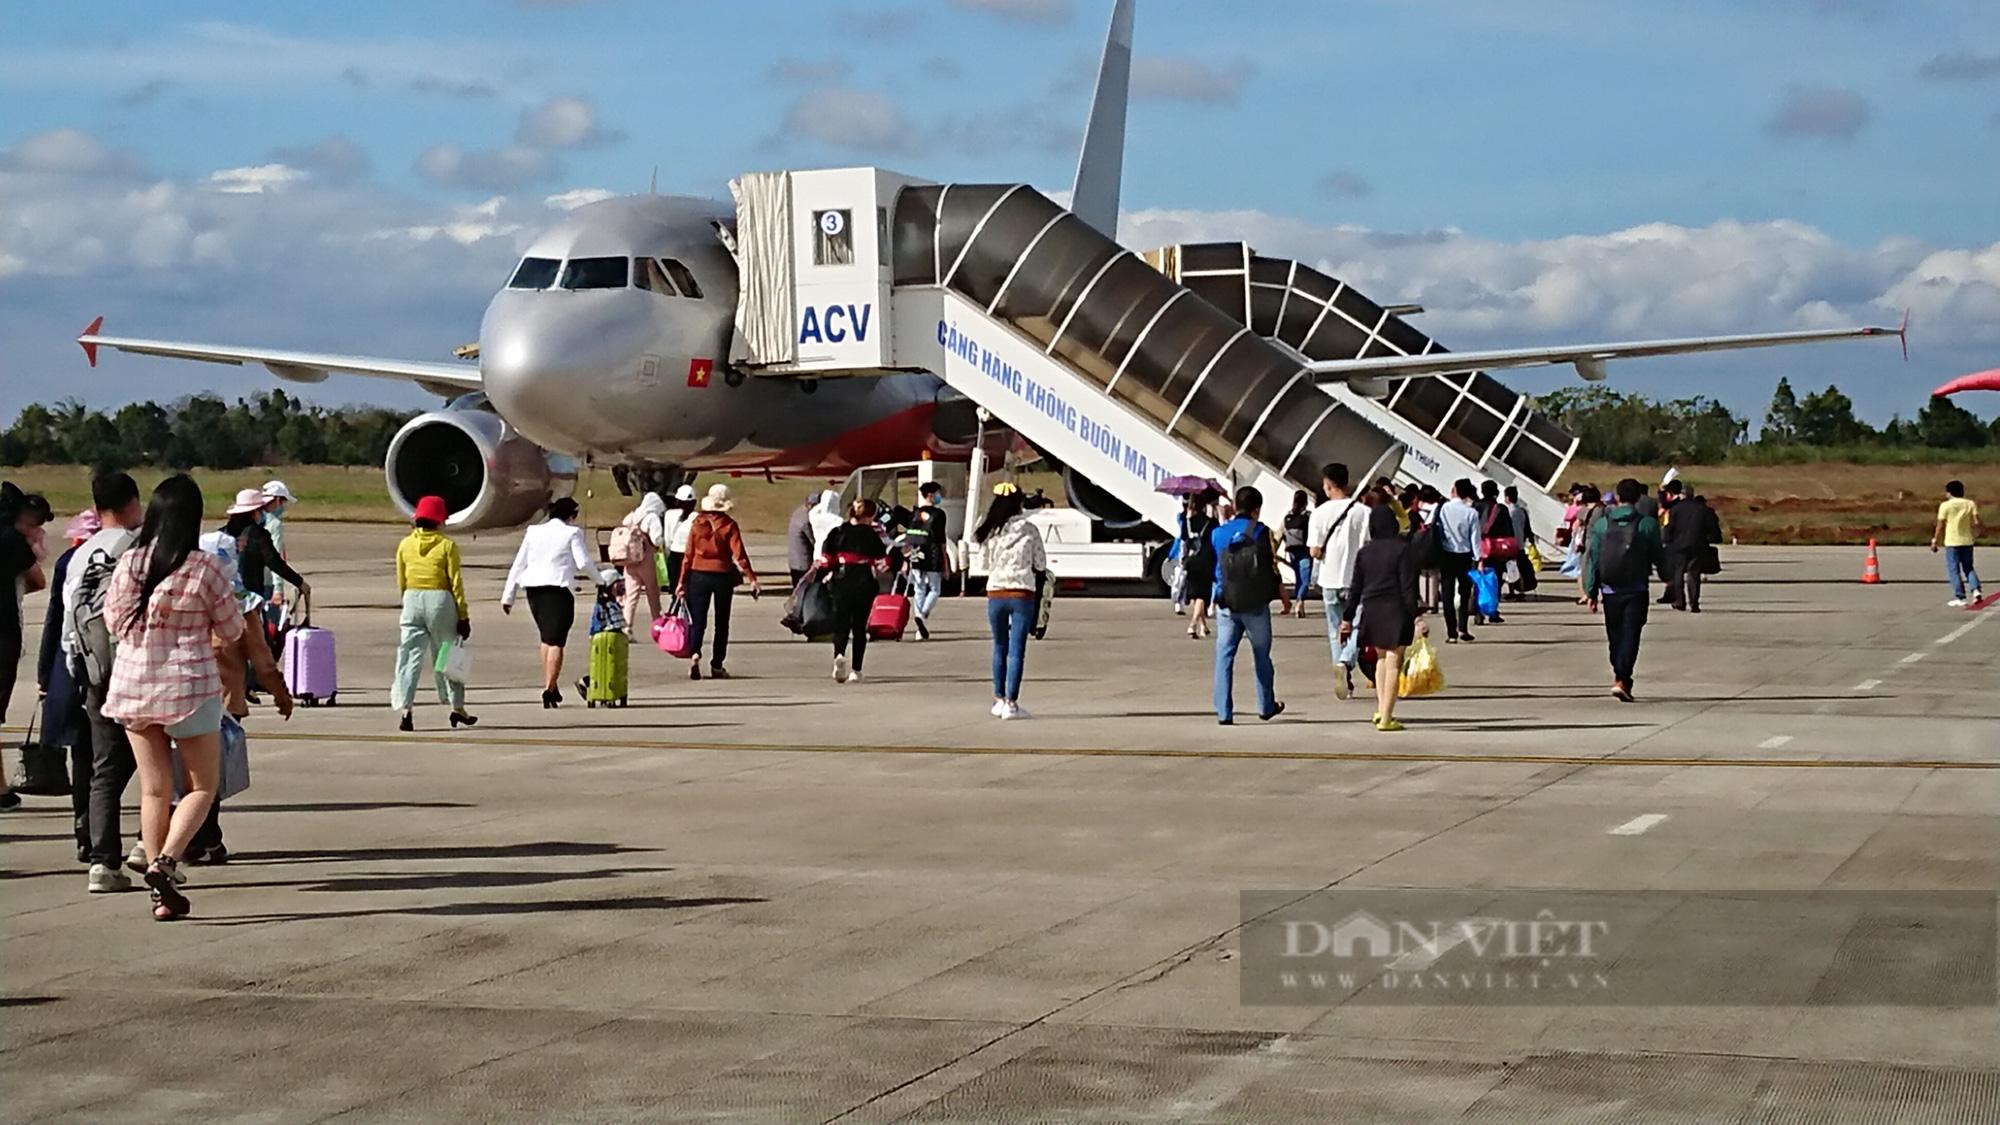 Phó Thống đốc Đào Minh Tú: Sớm trình Chính phủ gói tín dụng ưu đãi cho các hãng hàng không - Ảnh 2.